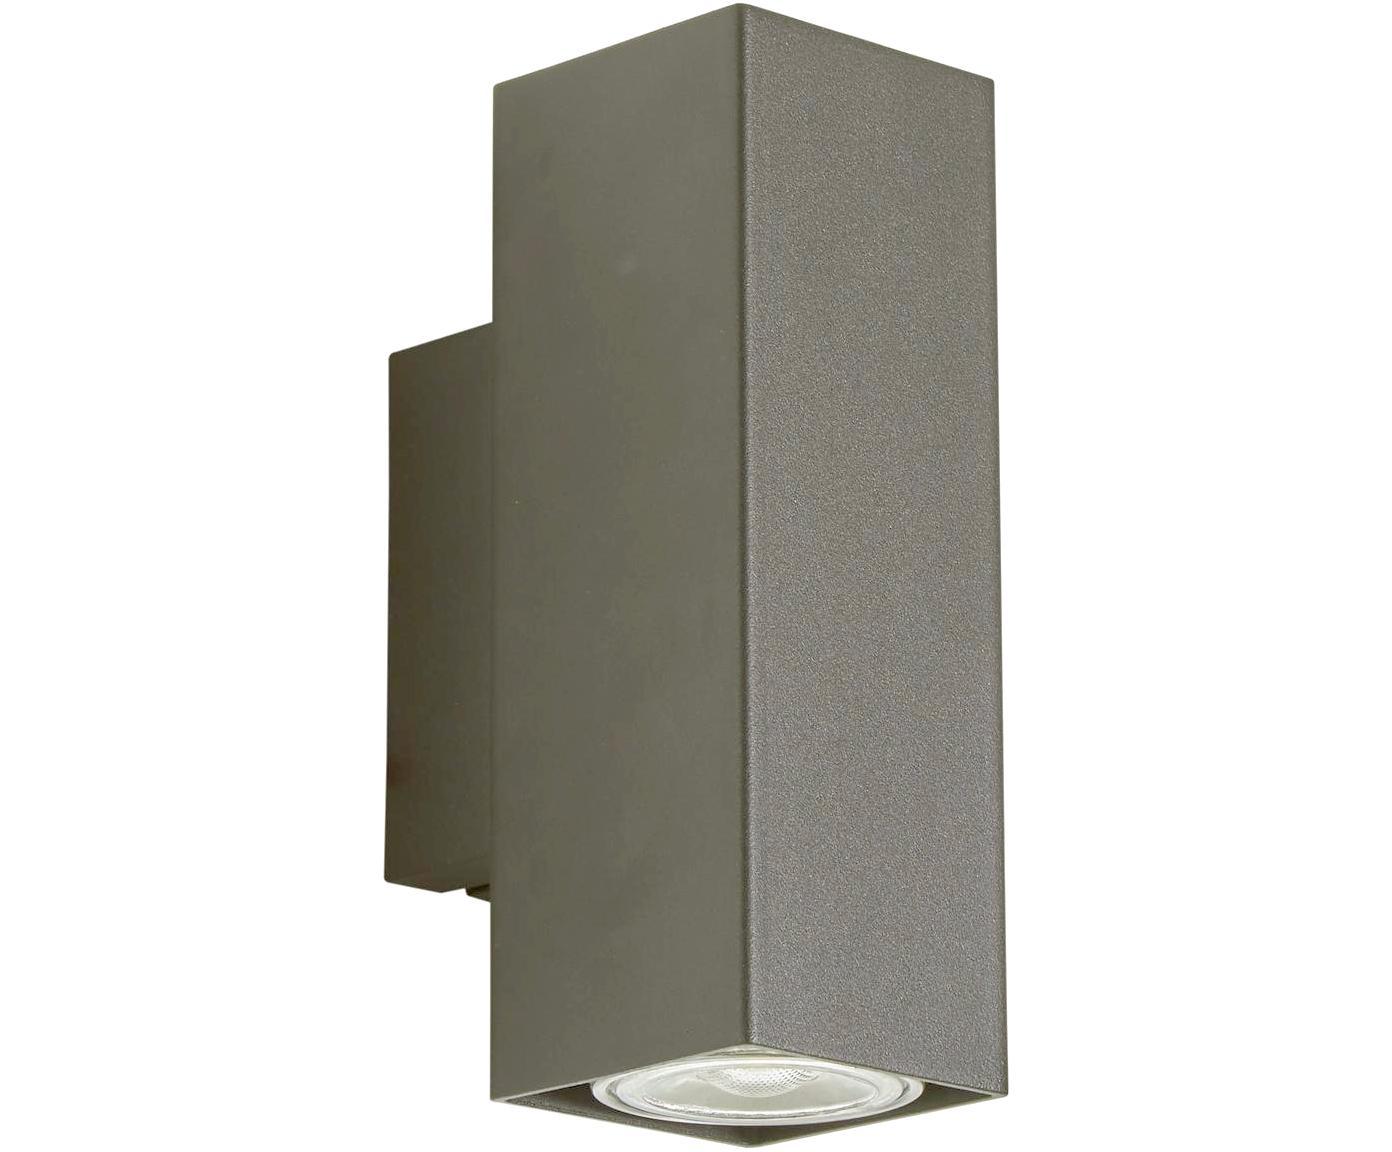 LED Wandleuchte Peter, Metall, verchromt, Chrom, 5 x 8 cm